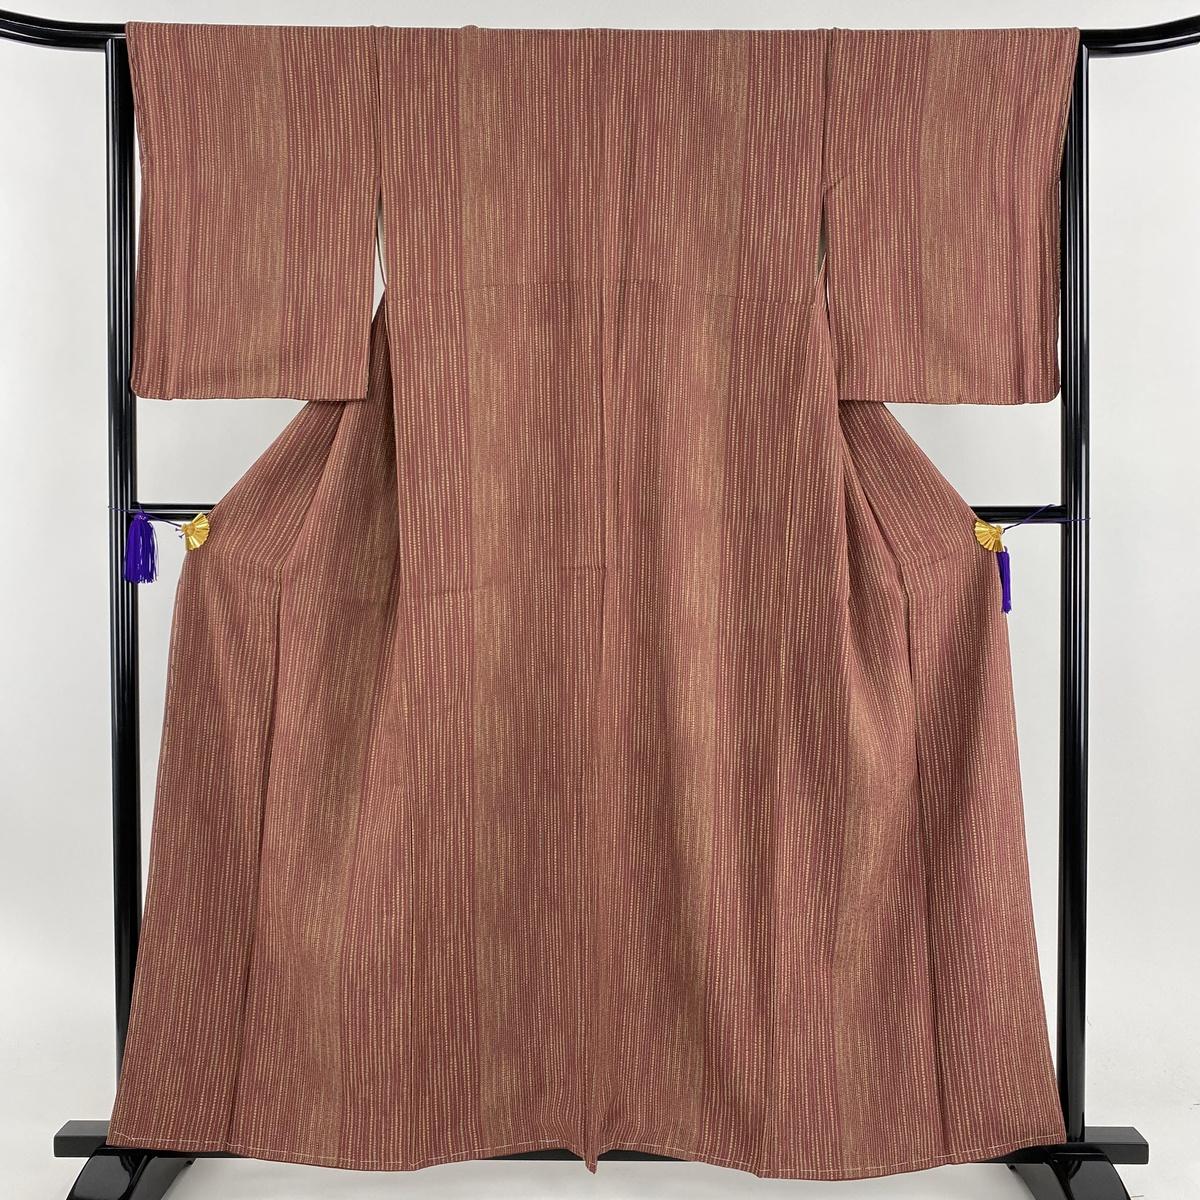 小紋 美品 秀品 縦縞 幾何学 赤紫 袷 身丈158cm 裄丈65cm M 正絹 【中古】